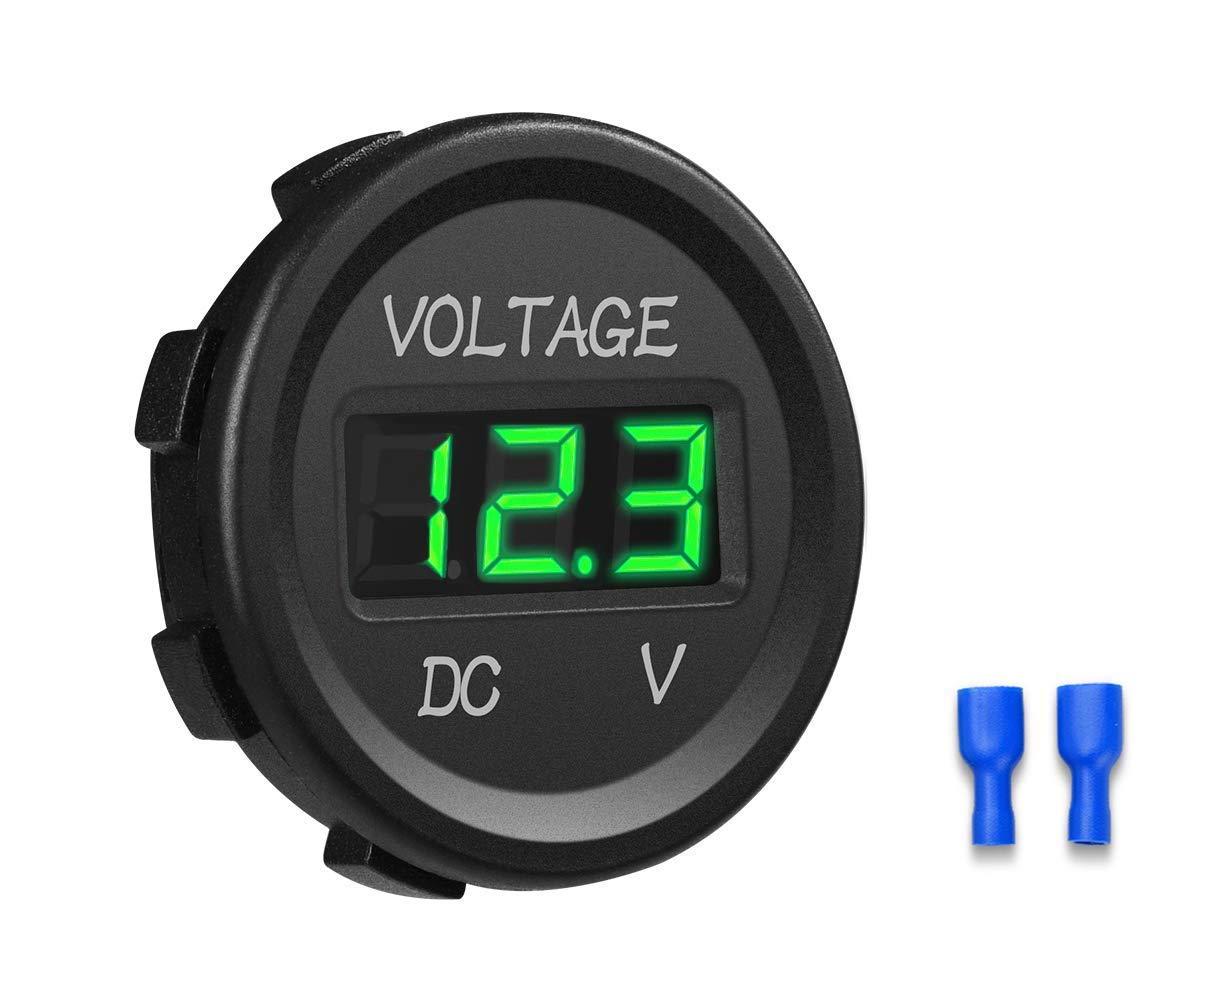 Vert YGL 12-24V DC Voltm/ètre Affichage Num/érique /à LED Imperm/éable pour Bateau Moto Camion Marine